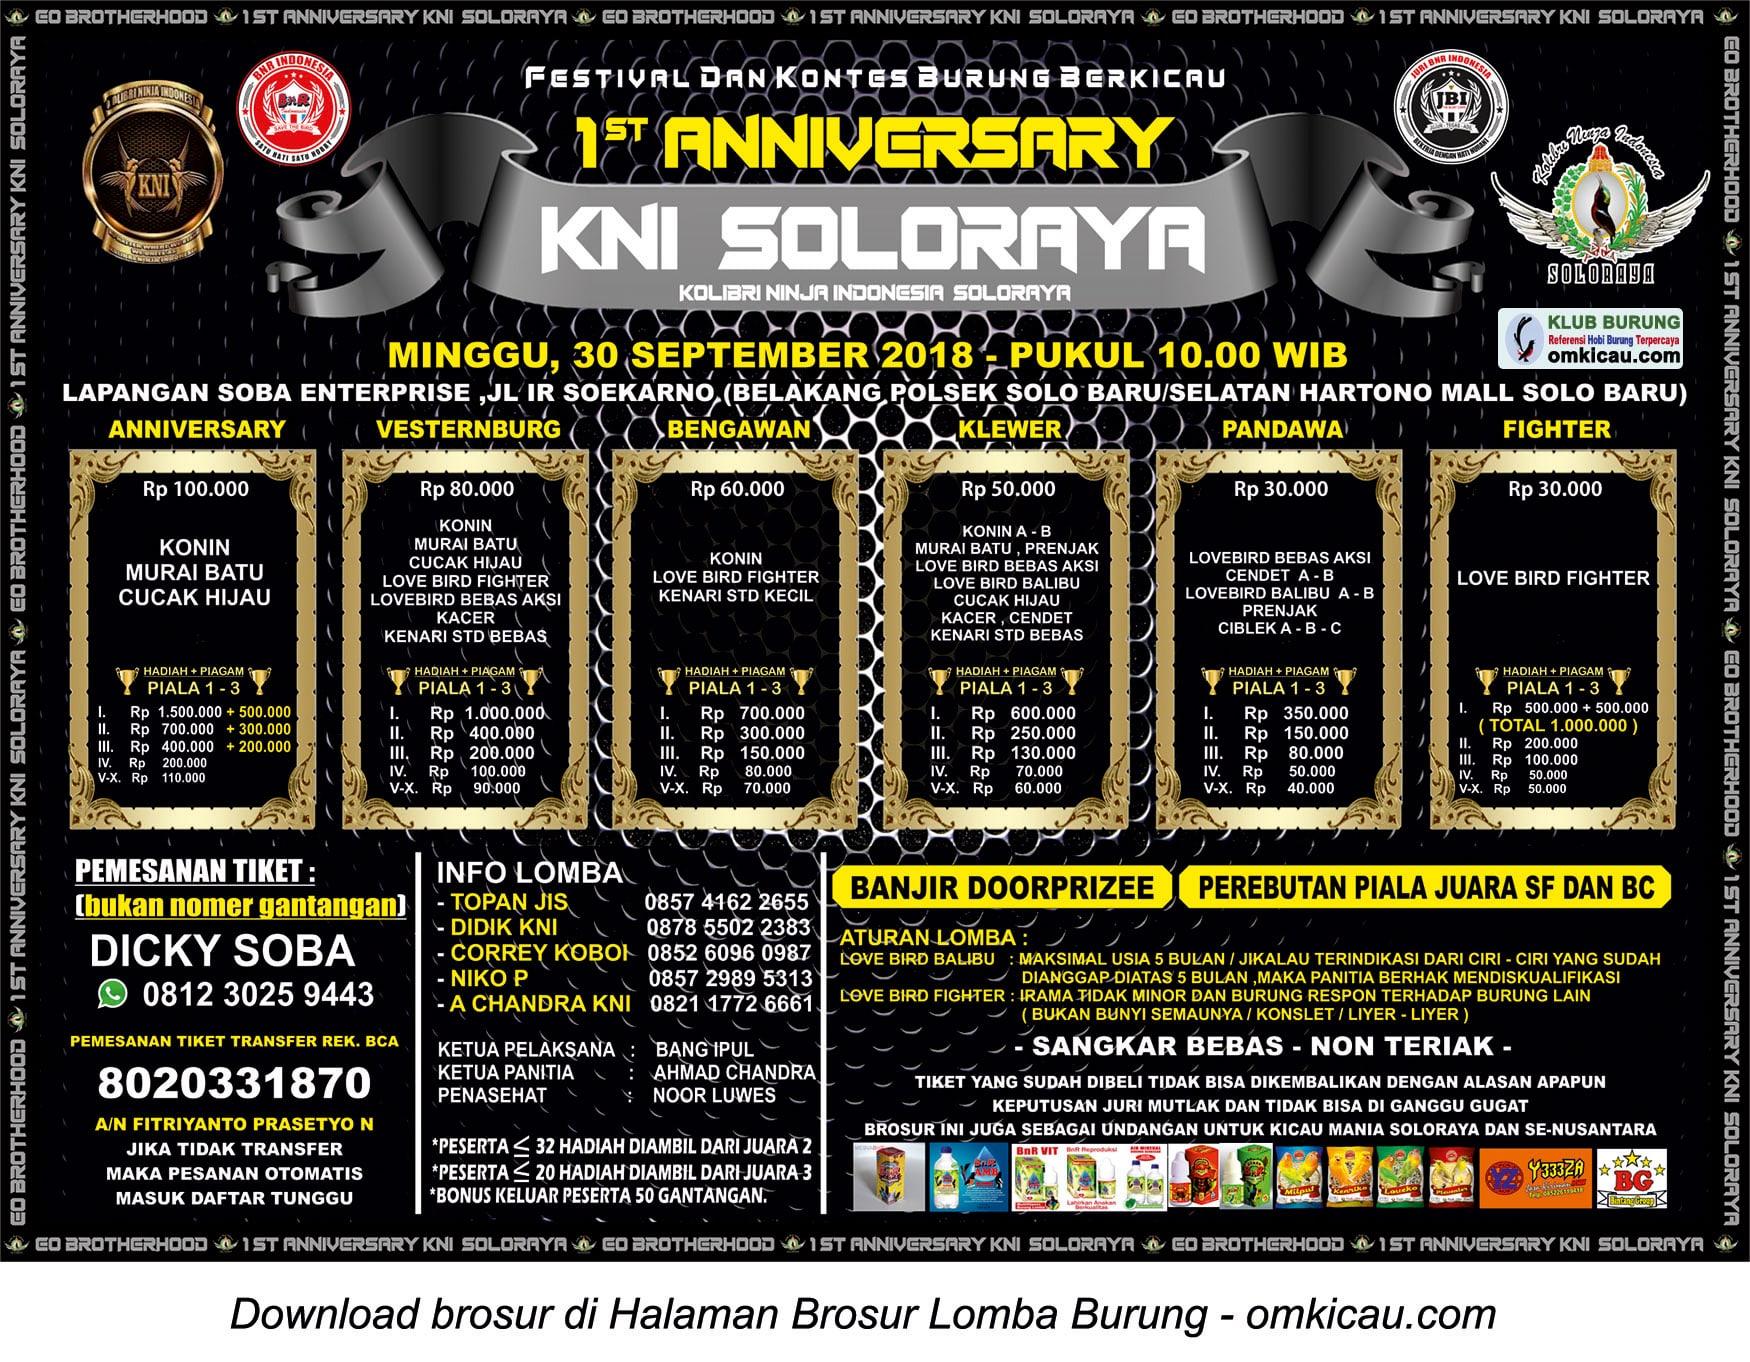 1st Anniversary KNI Solo Raya